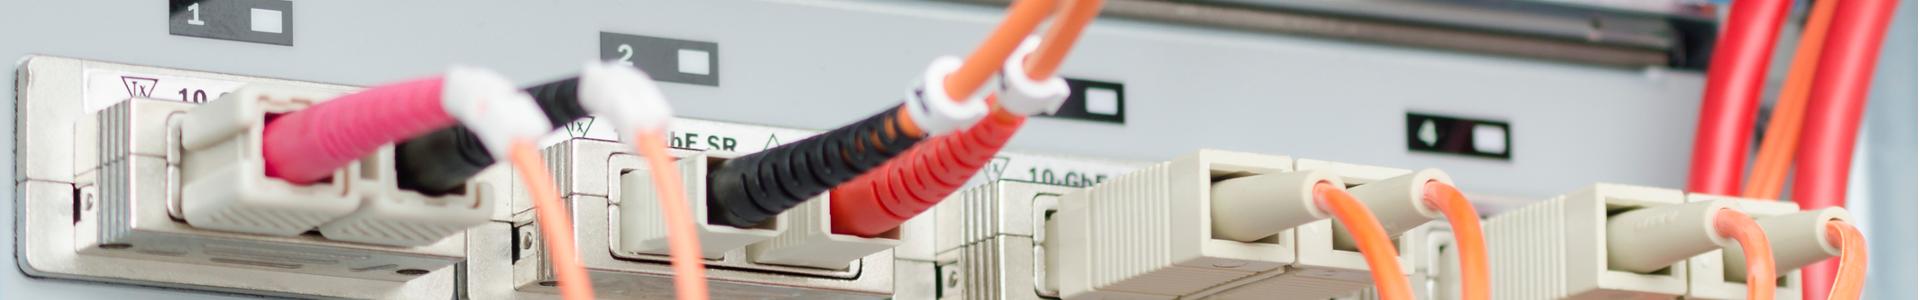 Projets de déploiement du très haut débit